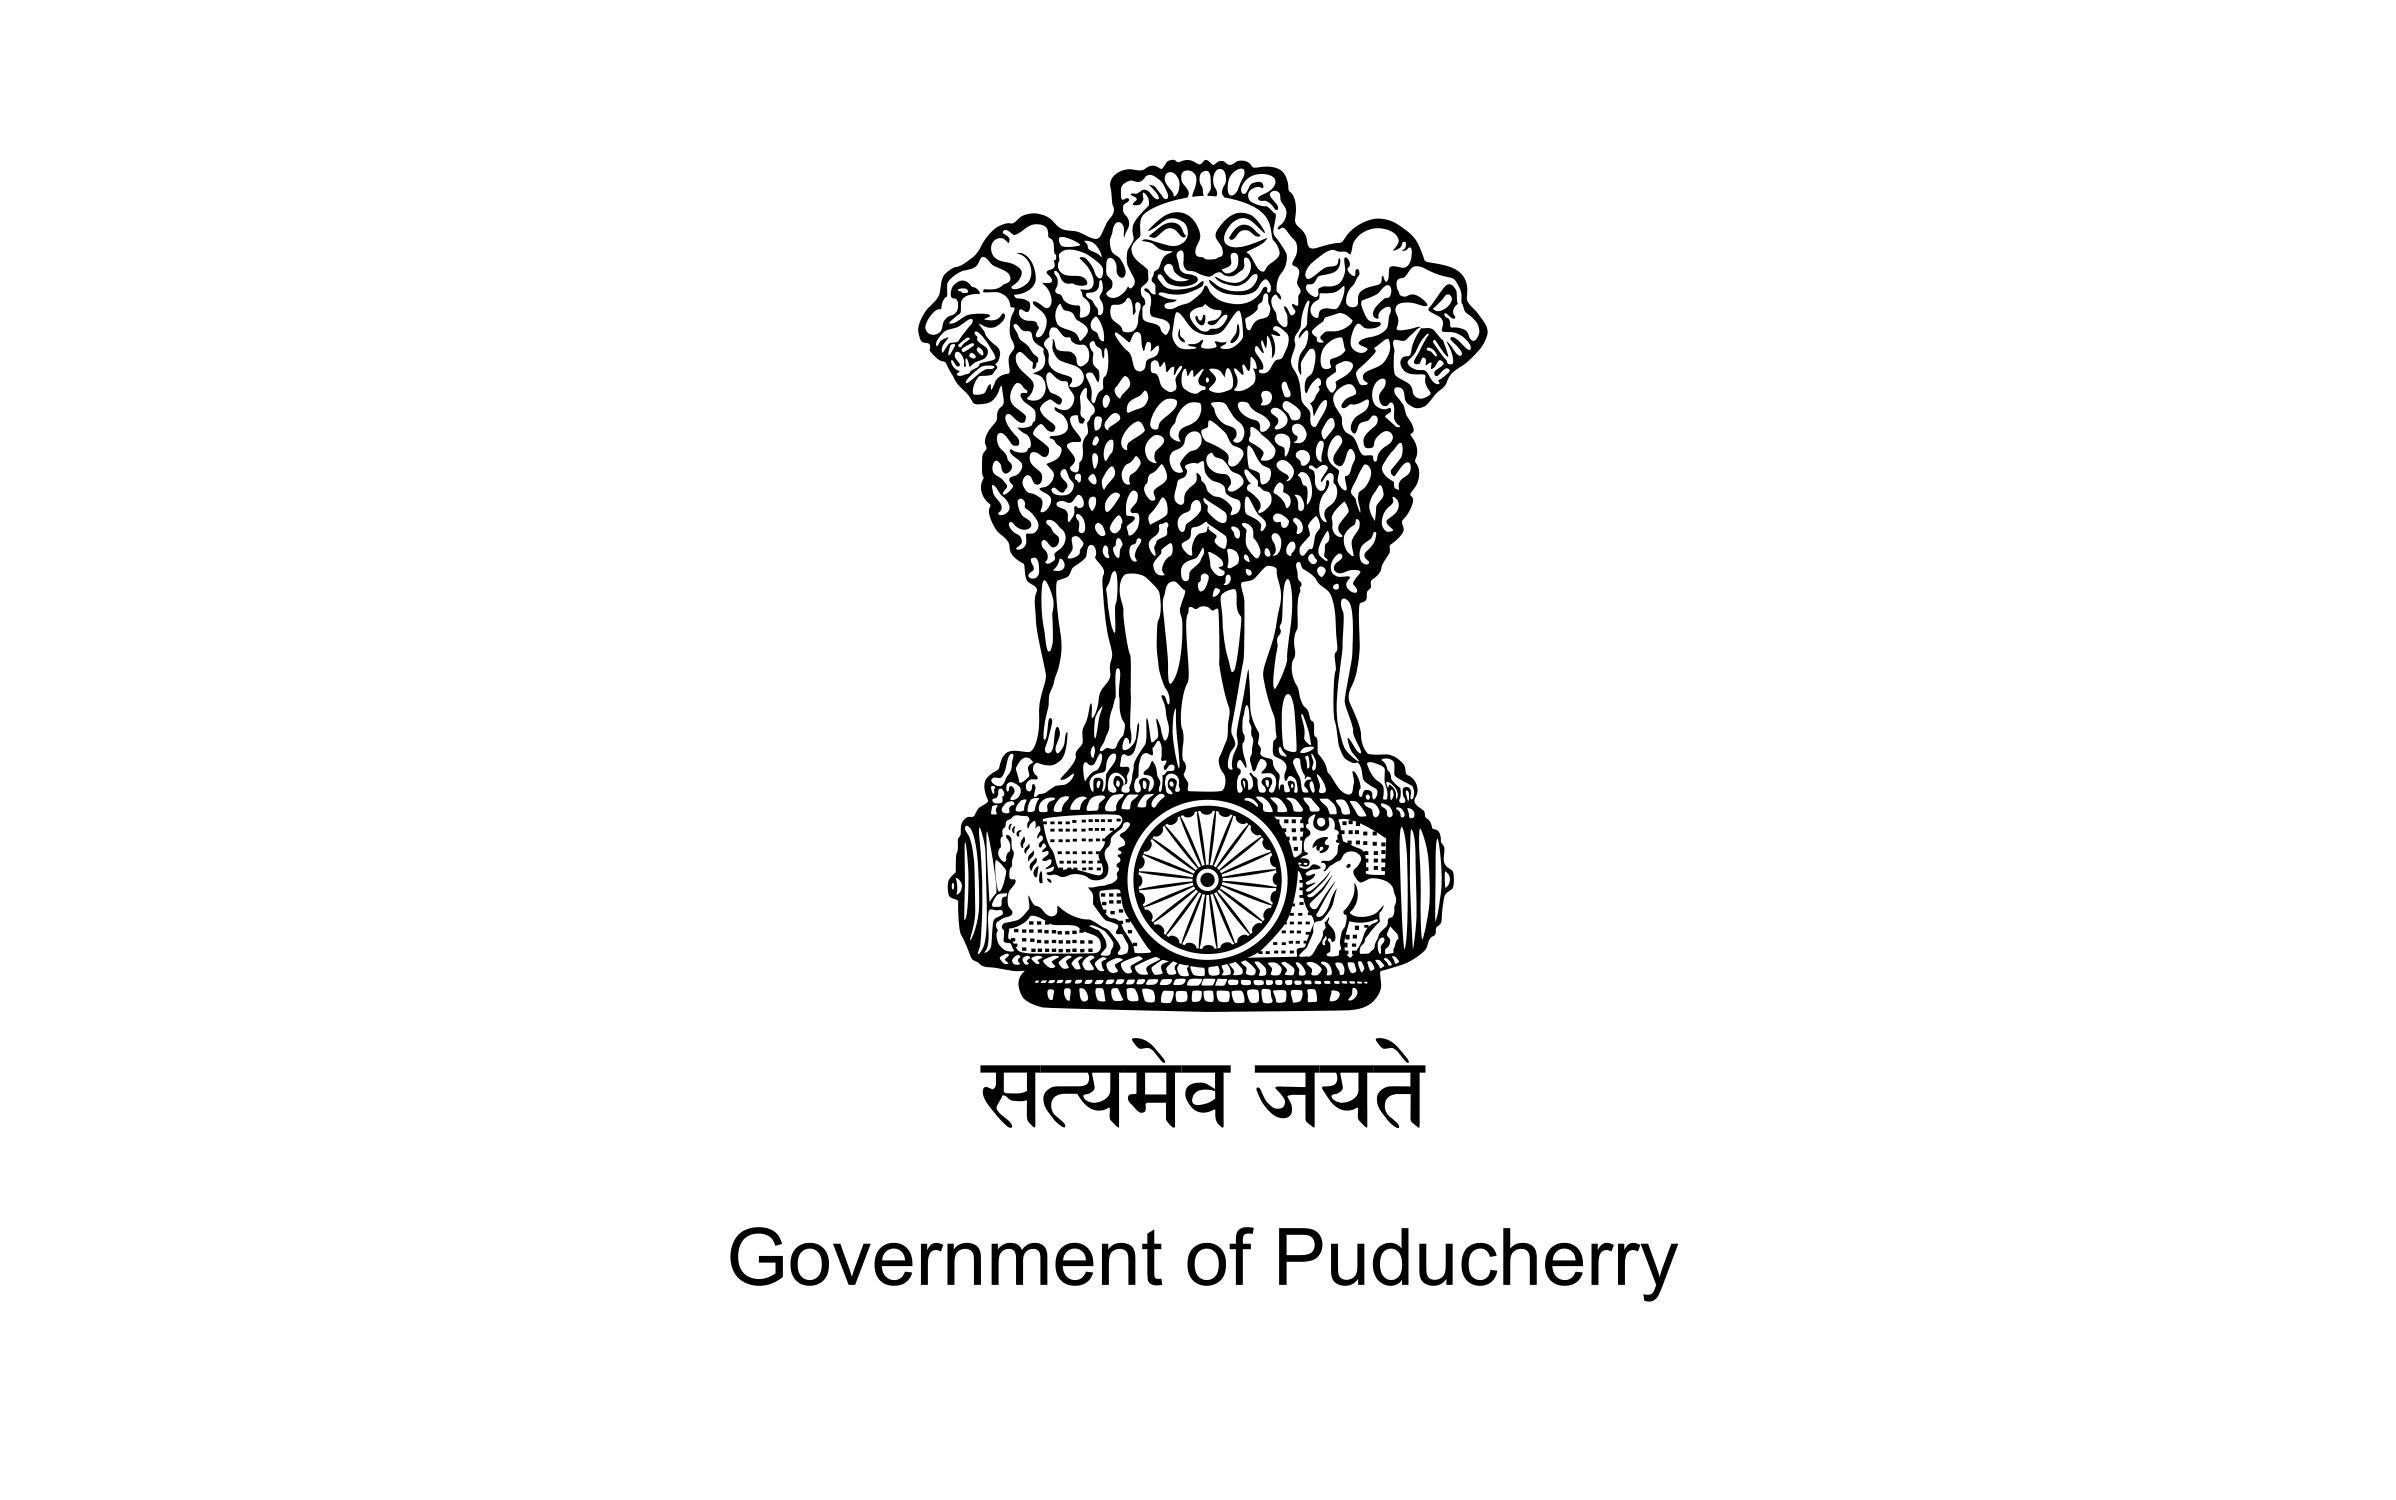 INDIA indian Hindi Satyameva Jayate Jana Gana Mana Vande